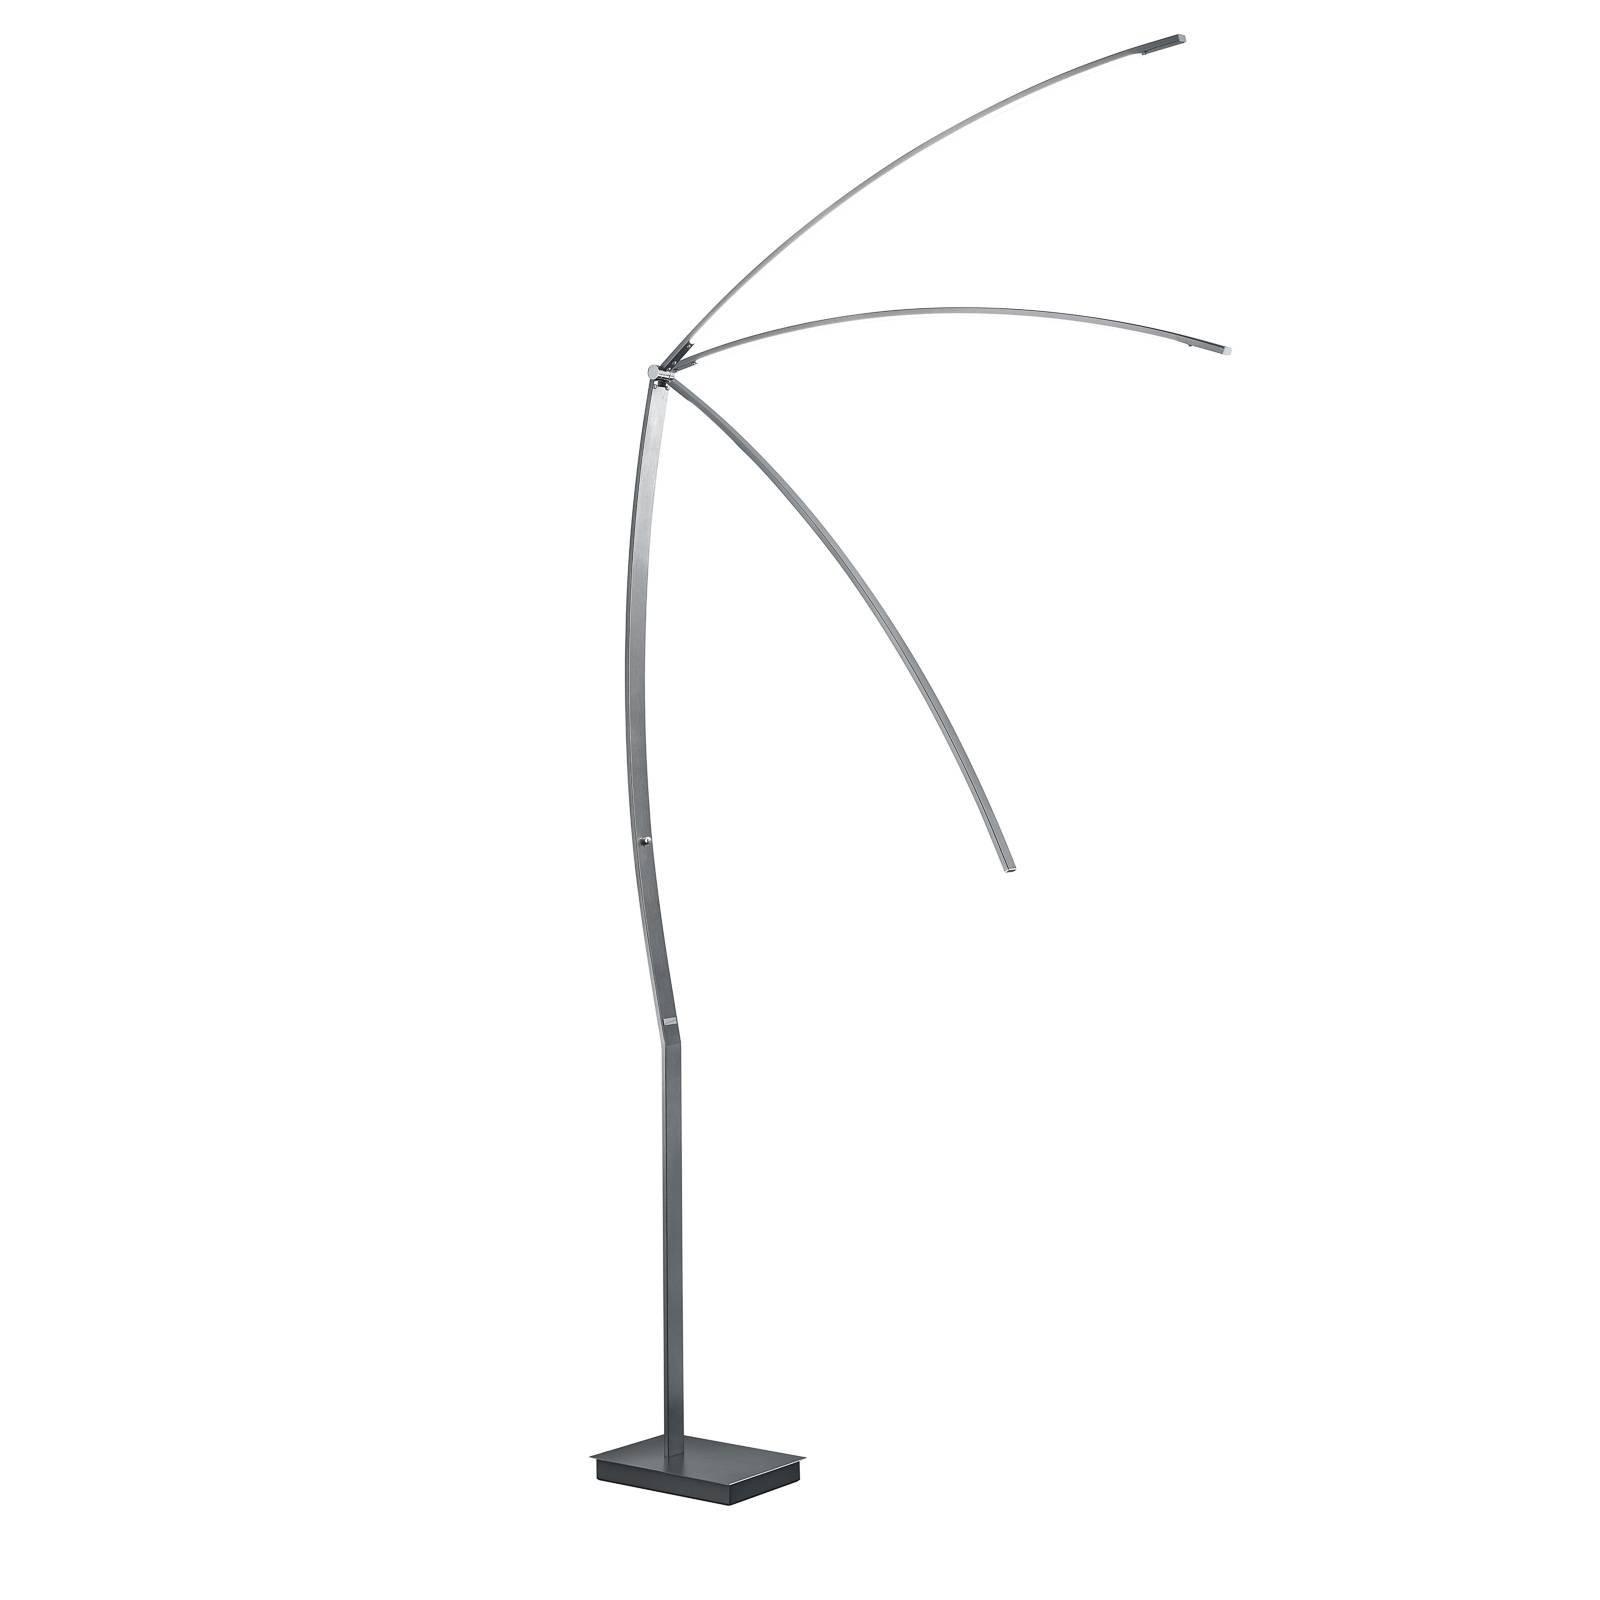 B-Leuchten New Tree LED-gulvlampe antrasitt 180 cm